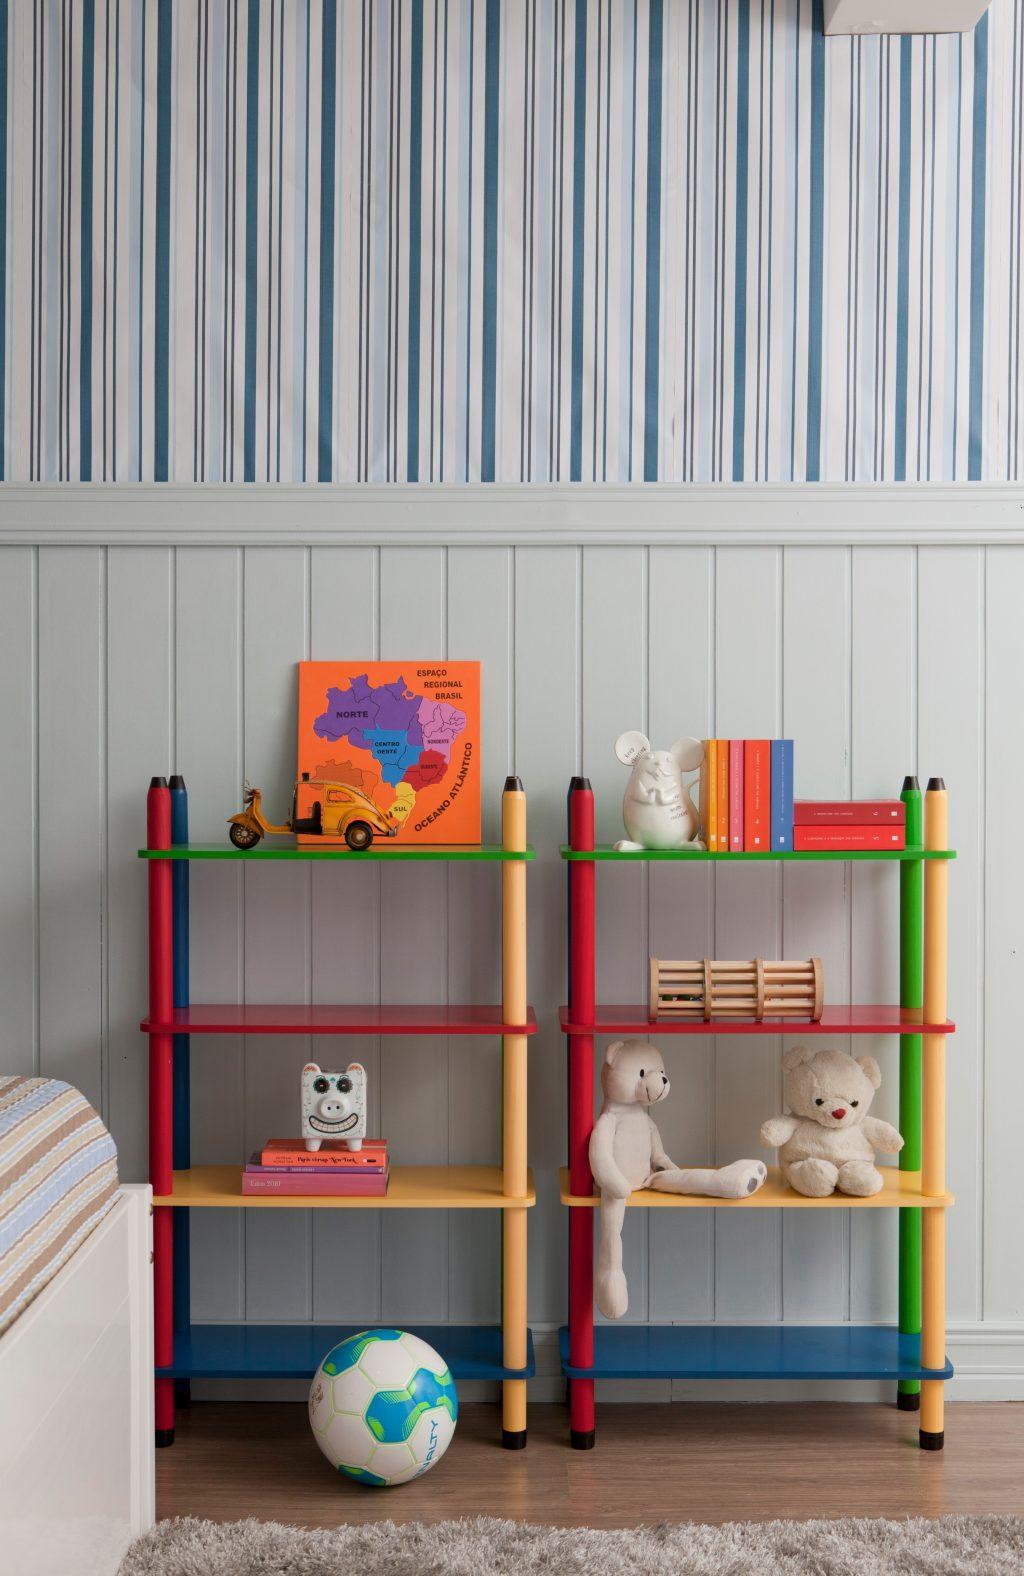 decoração do quarto infantil com estante colorida